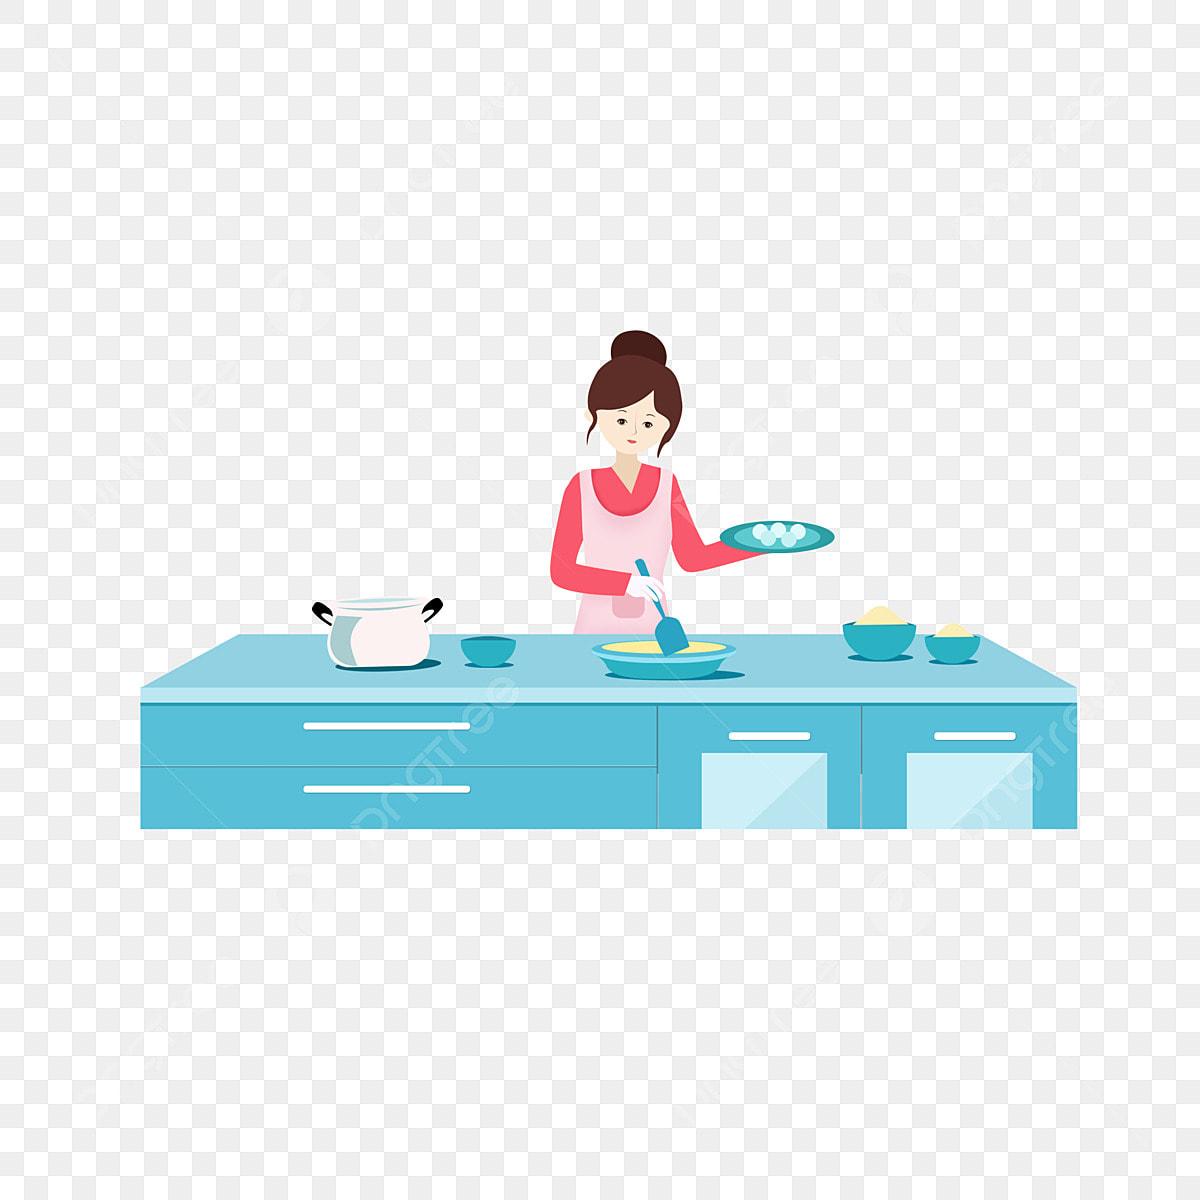 Gambar Reka Bentuk Elemen Gadis Cantik Untuk Memasak Di Dapur Dapur Makanan Kecantikan Png Dan Clipart Untuk Muat Turun Percuma